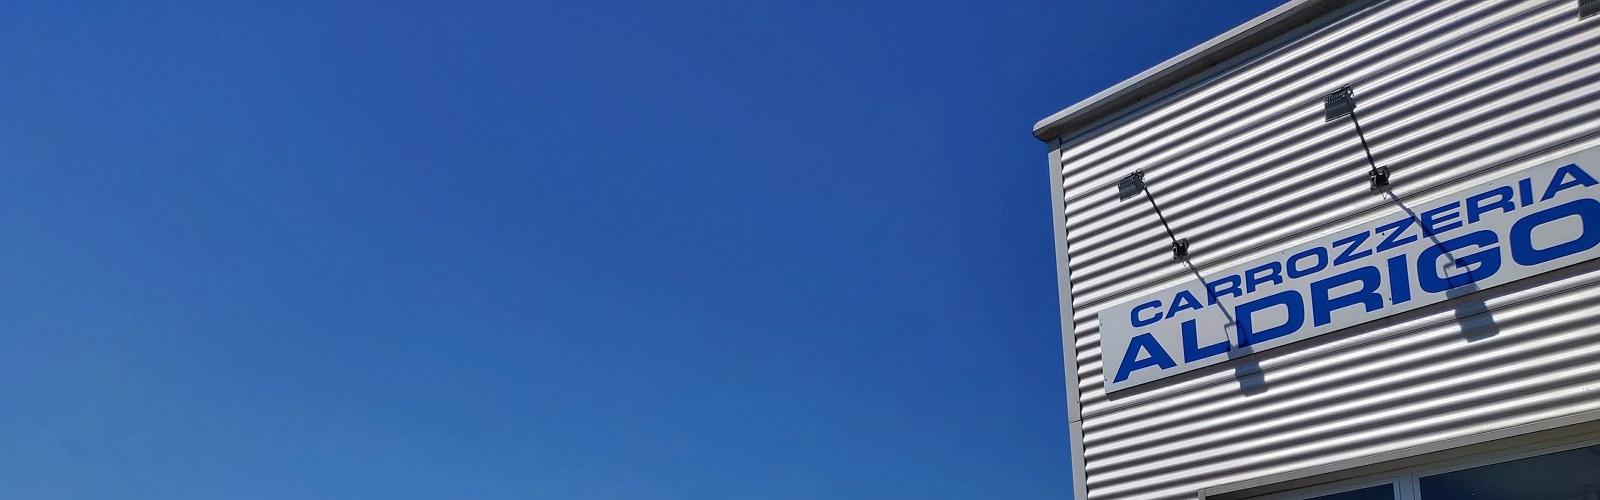 Insegna Carrozzeria Aldrigo sul capannone con cielo blu di sfondo